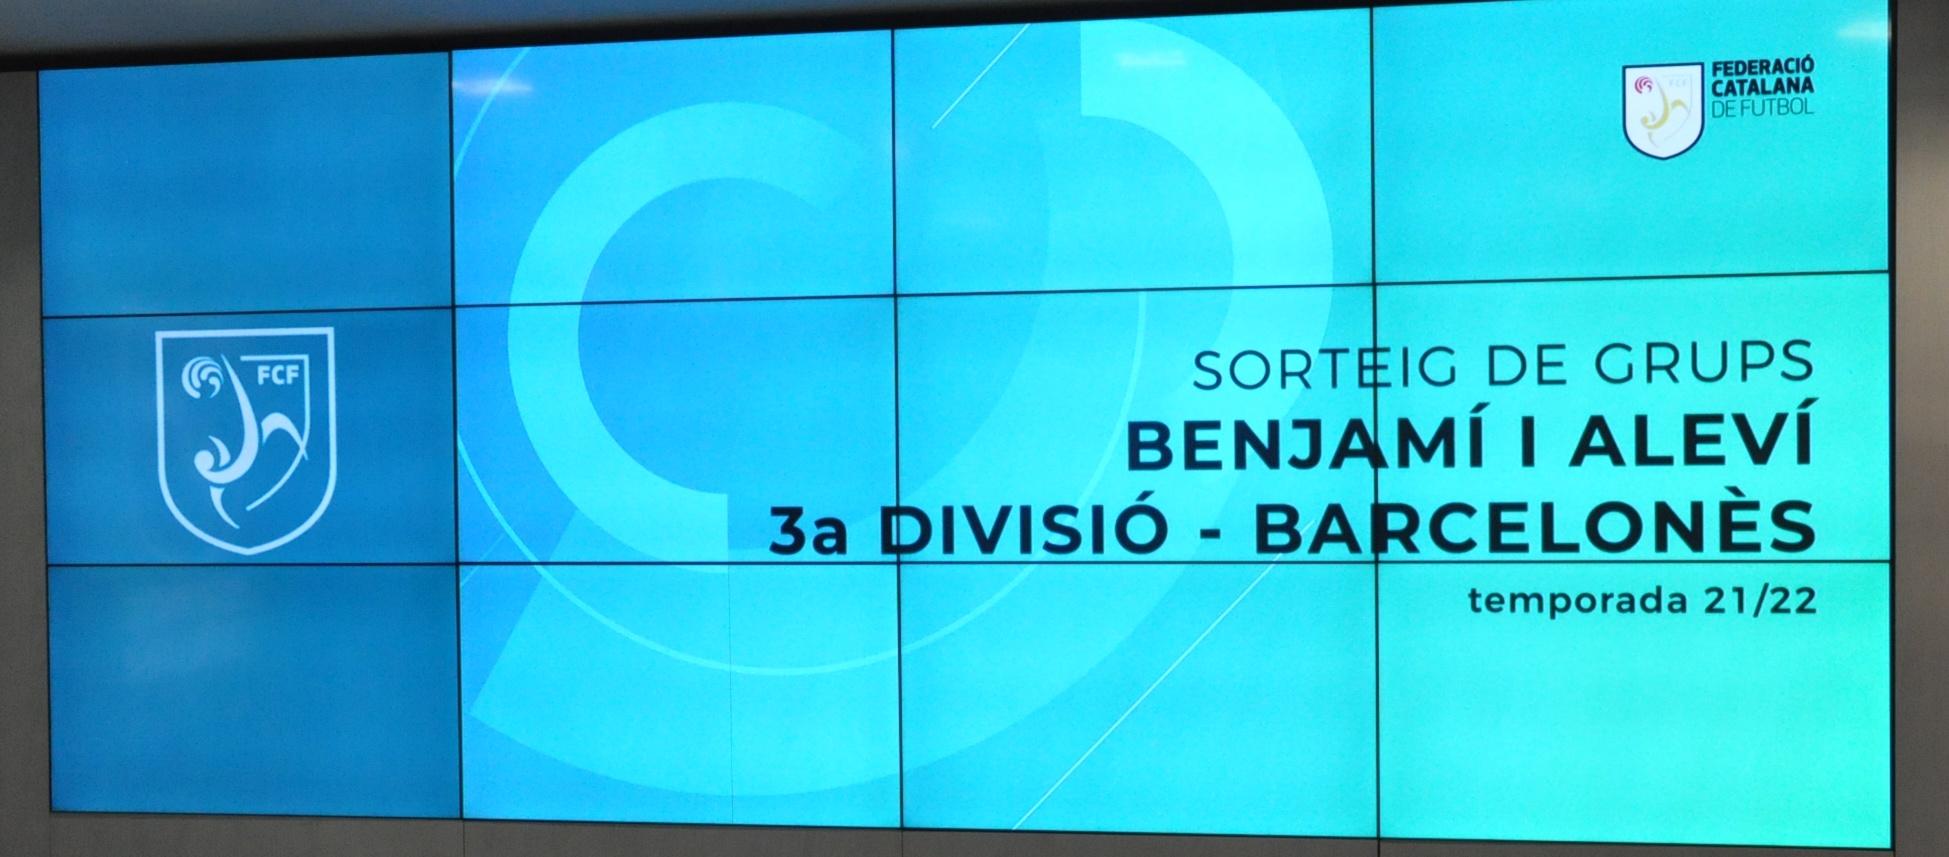 Sortejada la Tercera Divisió Benjamí i Aleví del Barcelonès